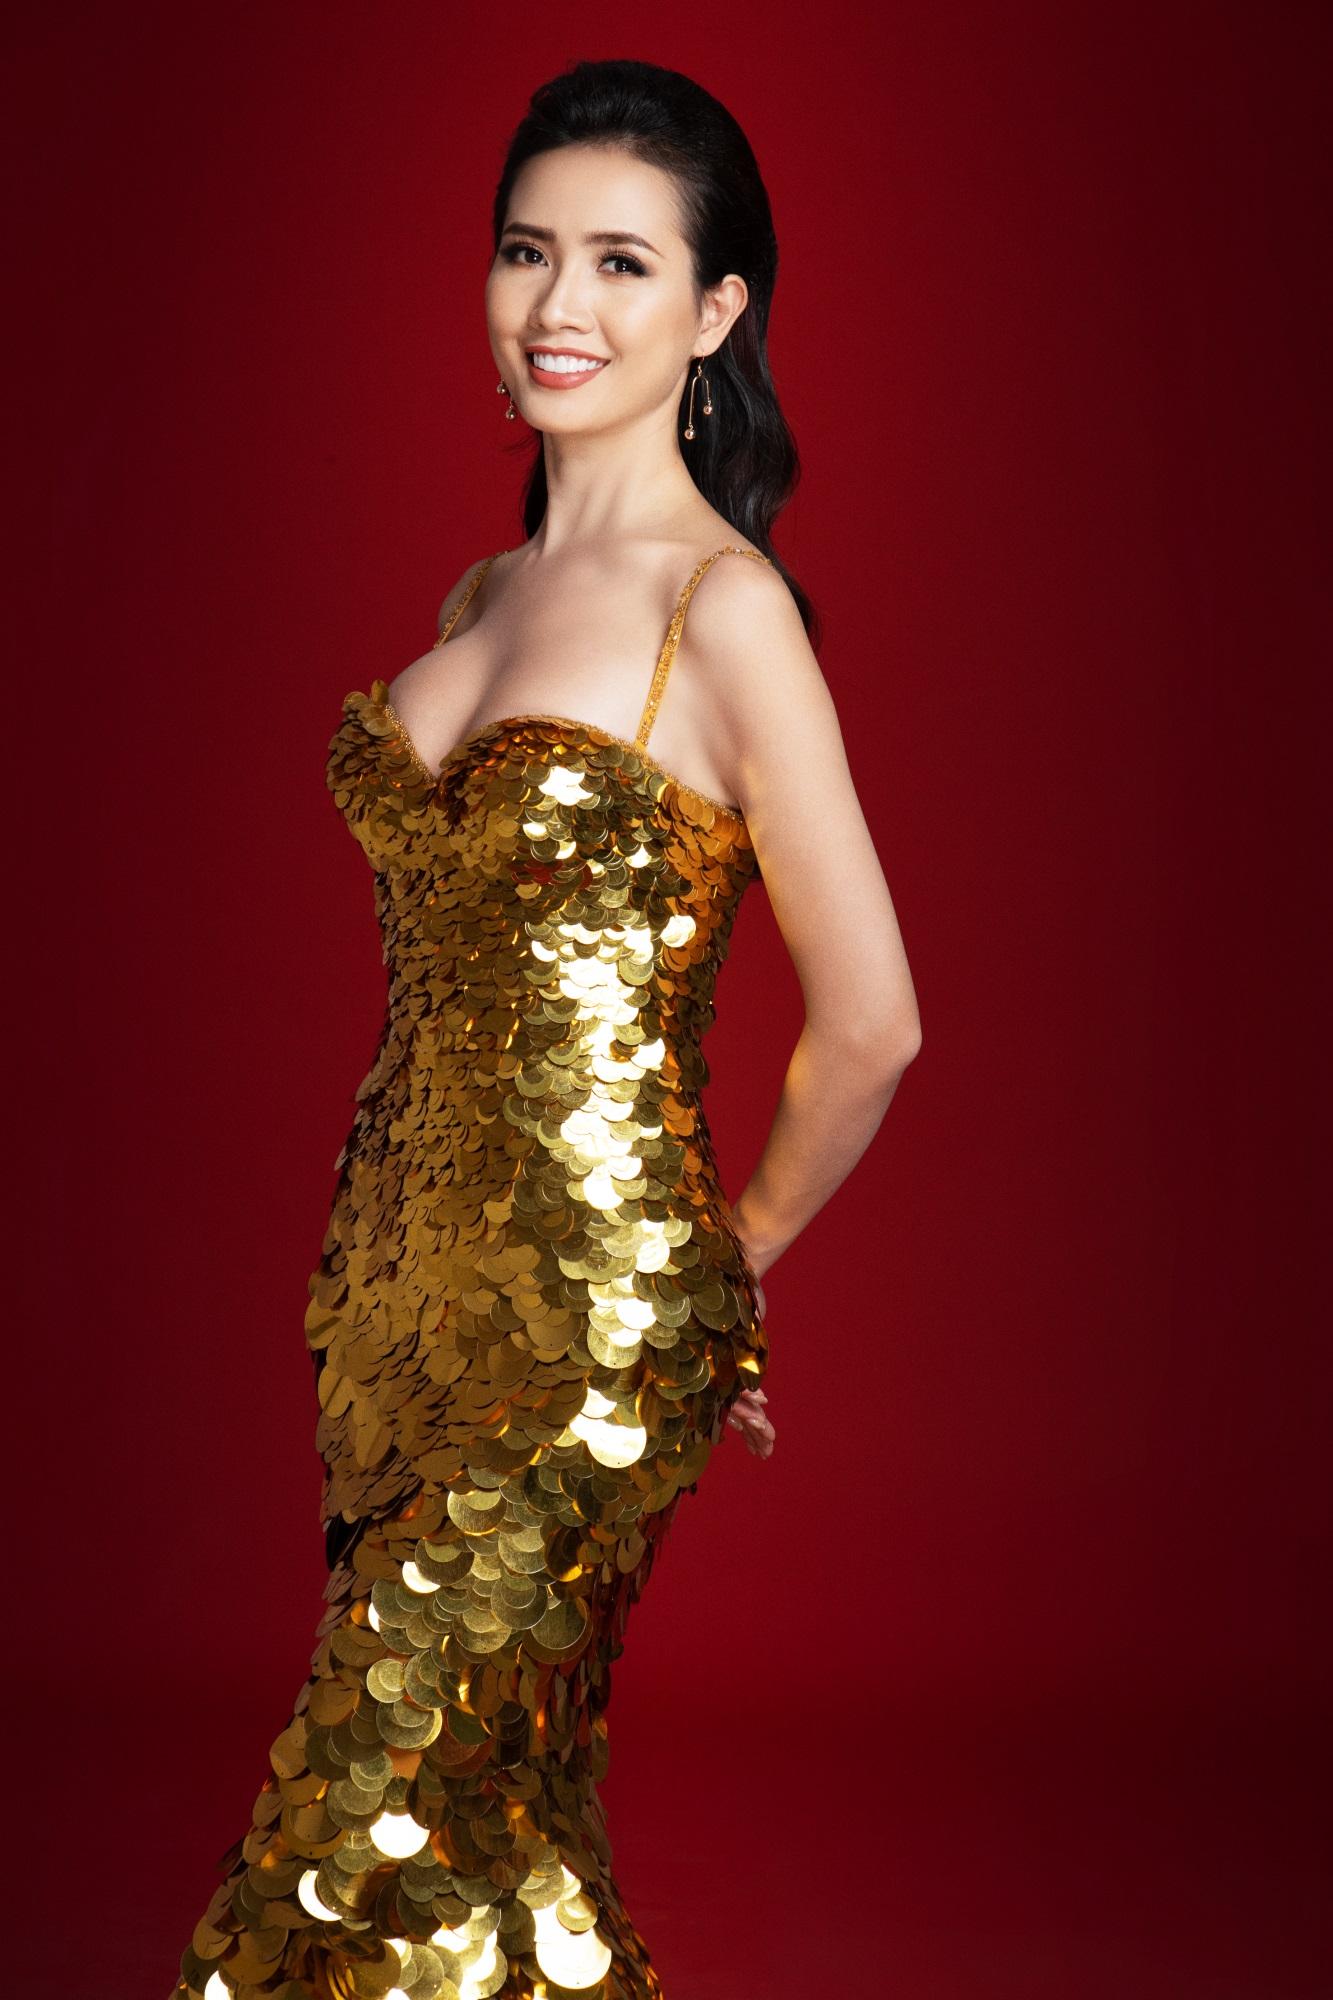 Phan Thị Mơ dẫn đầu bình chọn Nữ diễn viên truyền hình xuất sắc nhất Mai Vàng 2018 - Ảnh 7